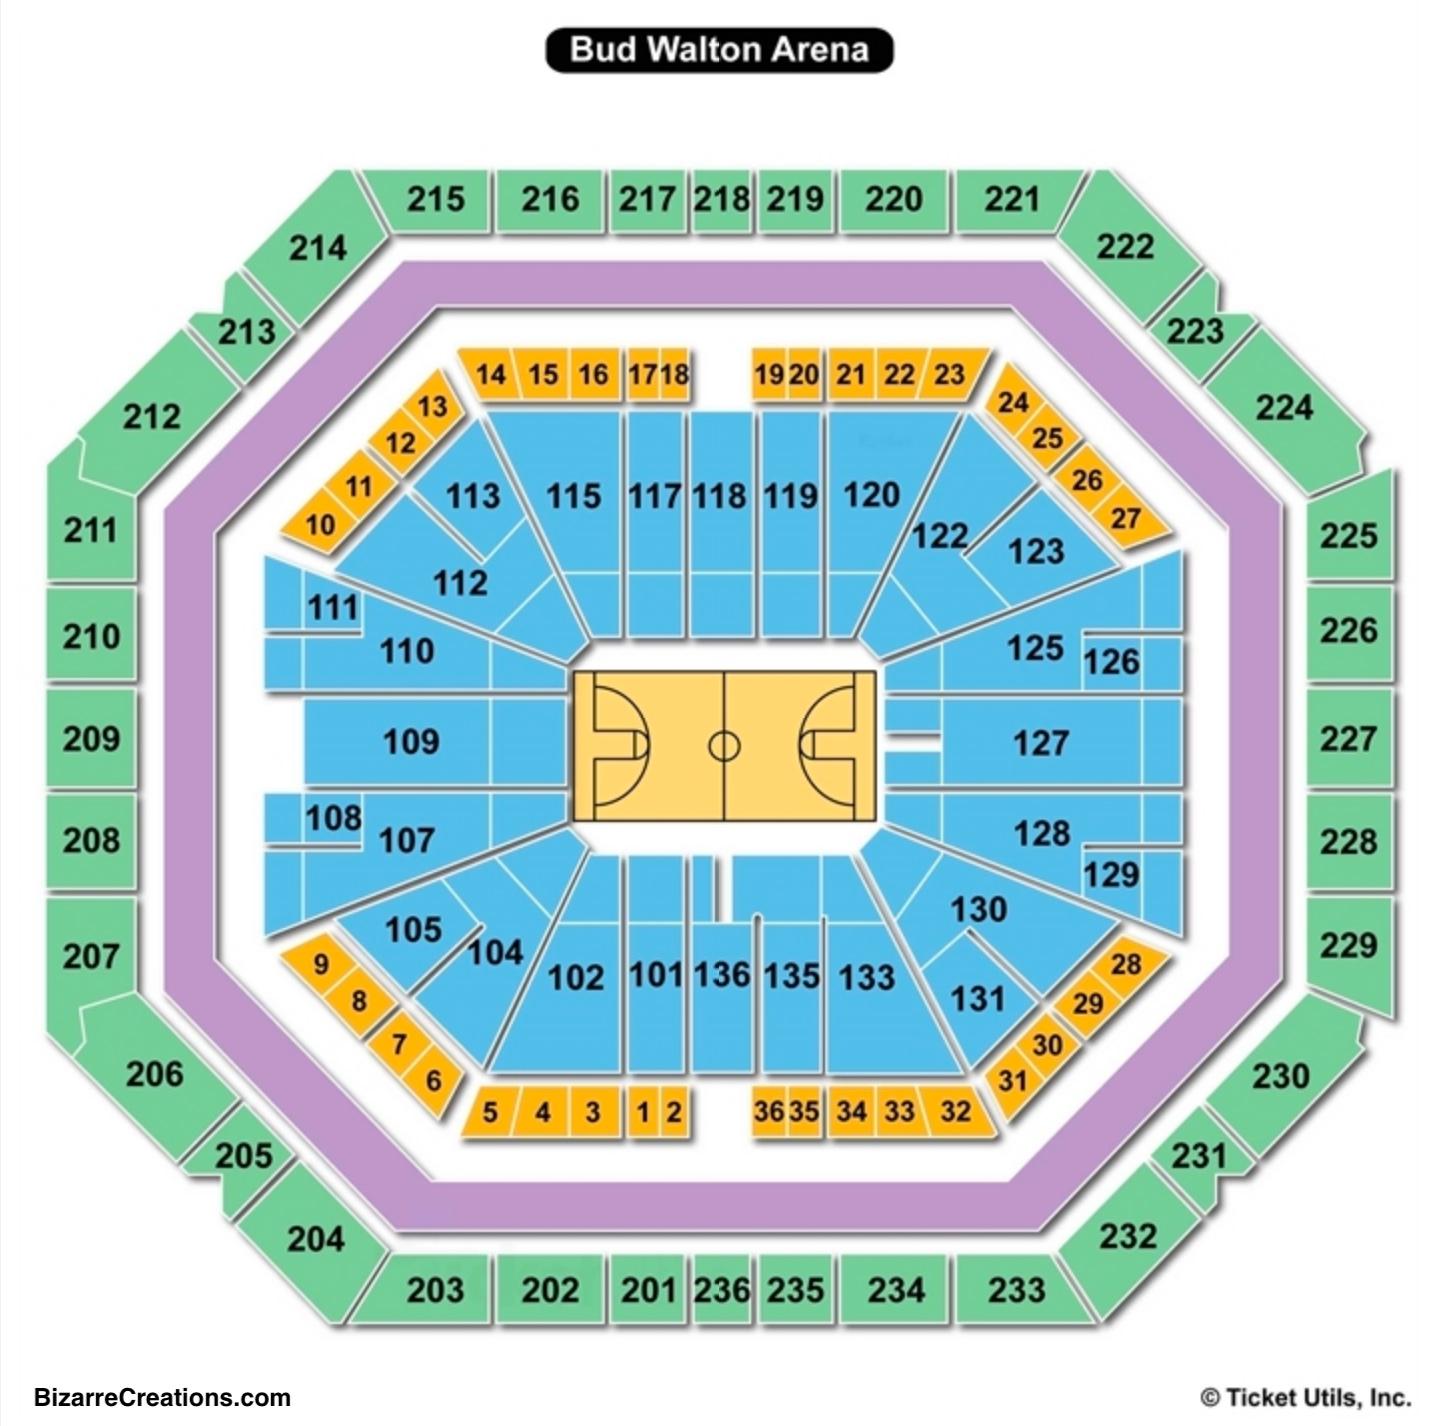 Bud Walton Arena Seating Diagram - Free Vehicle Wiring Diagrams •